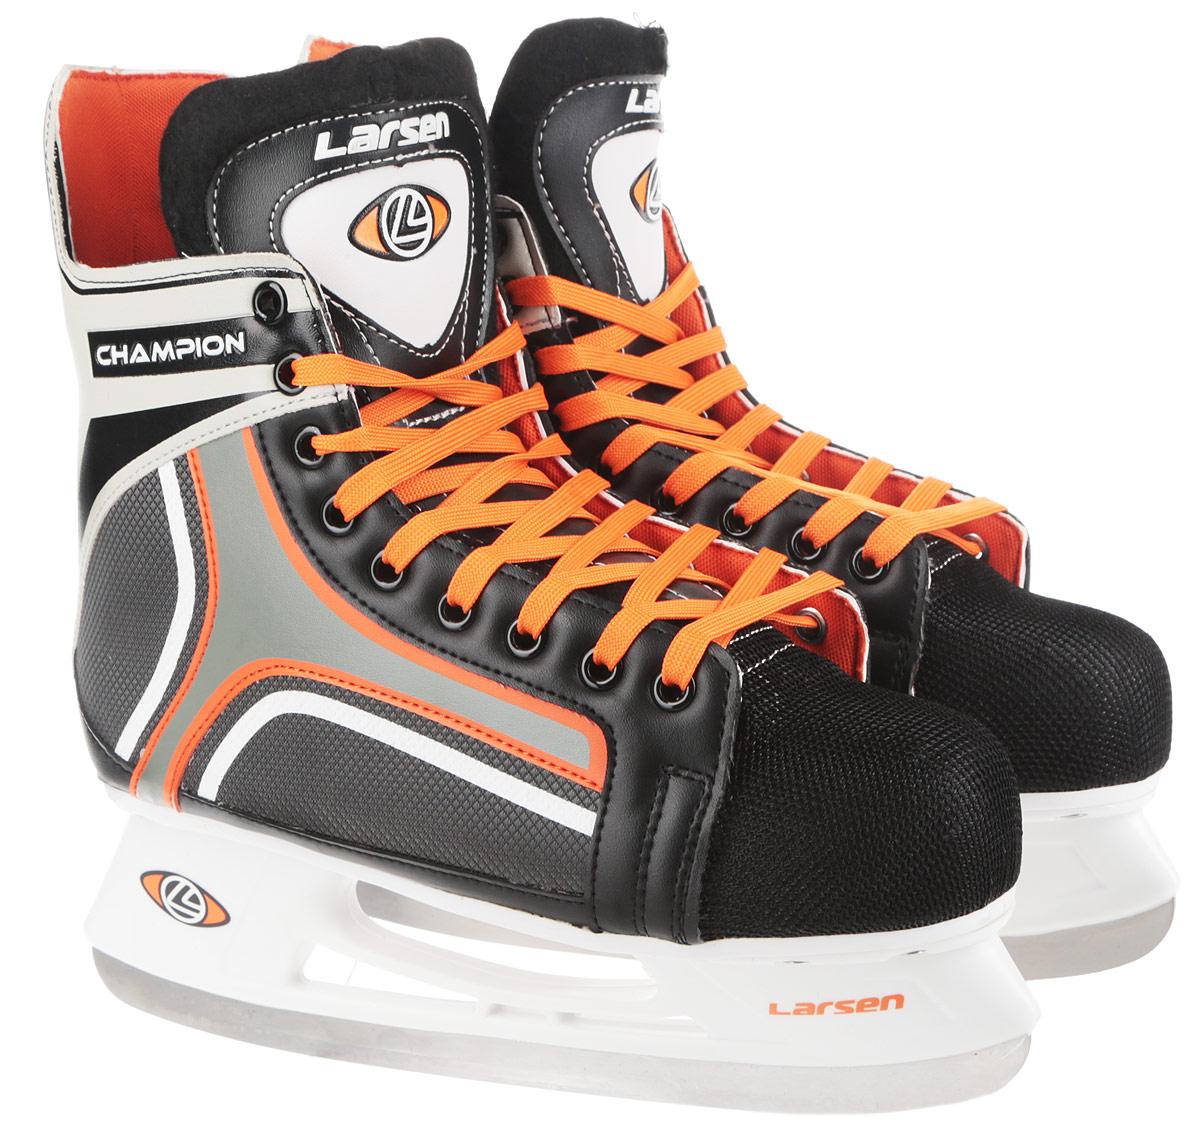 Коньки хоккейные мужские Larsen Champion, цвет: черный, белый, оранжевый. Размер 41ChampionСтильные коньки Champion от Larsen прекрасно подойдут для начинающих игроков в хоккей.Ботинок выполнен из морозоустойчивого поливинилхлорида. Мыс дополненвставкой из полипропилена, покрытого сетчатым нейлоном, которая защитит ноги от ударов.Внутренний слой изготовлен измягкого текстиля, который обеспечит тепло и комфорт во время катания, язычок - из войлока.Плотная шнуровка надежно фиксирует модель на ноге. Голеностоп имеет удобный суппорт. Стелька из EVA с текстильной поверхностью обеспечит комфортное катание. Стойкавыполнена из ударопрочного полипропилена. Лезвие из нержавеющей стали обеспечитпревосходное скольжение. В комплект входят пластиковые чехлы для лезвий. Температура использования до -20°С.